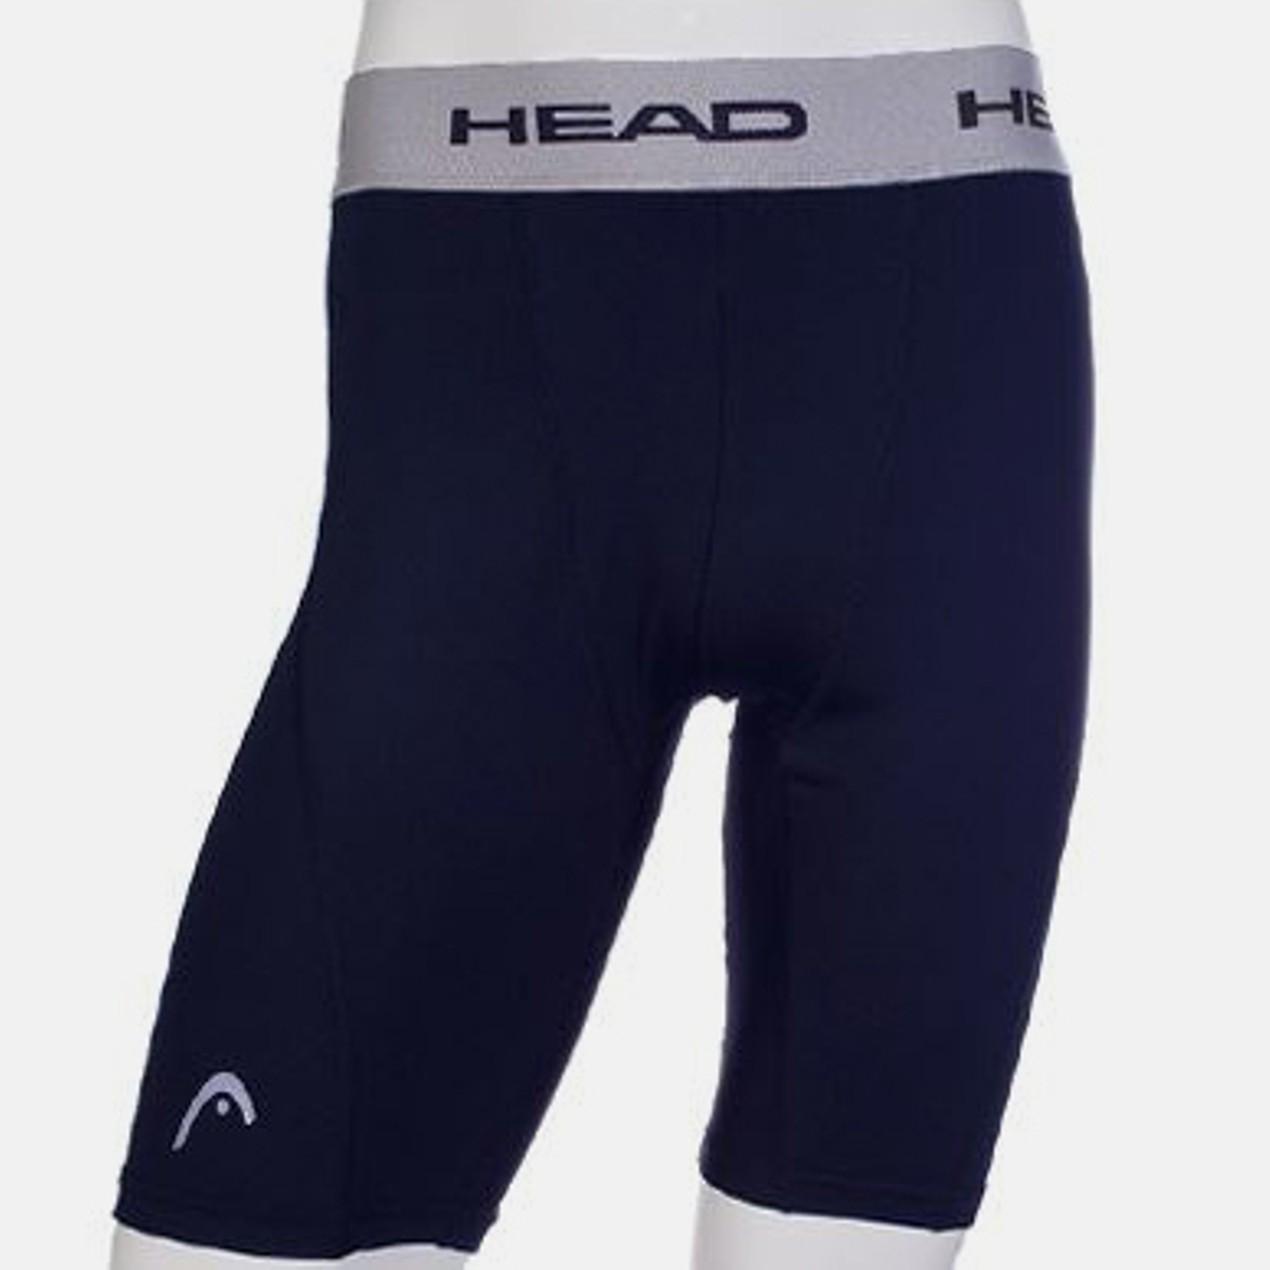 Men s Head Compression Shorts - Tanga 74fecbf84112